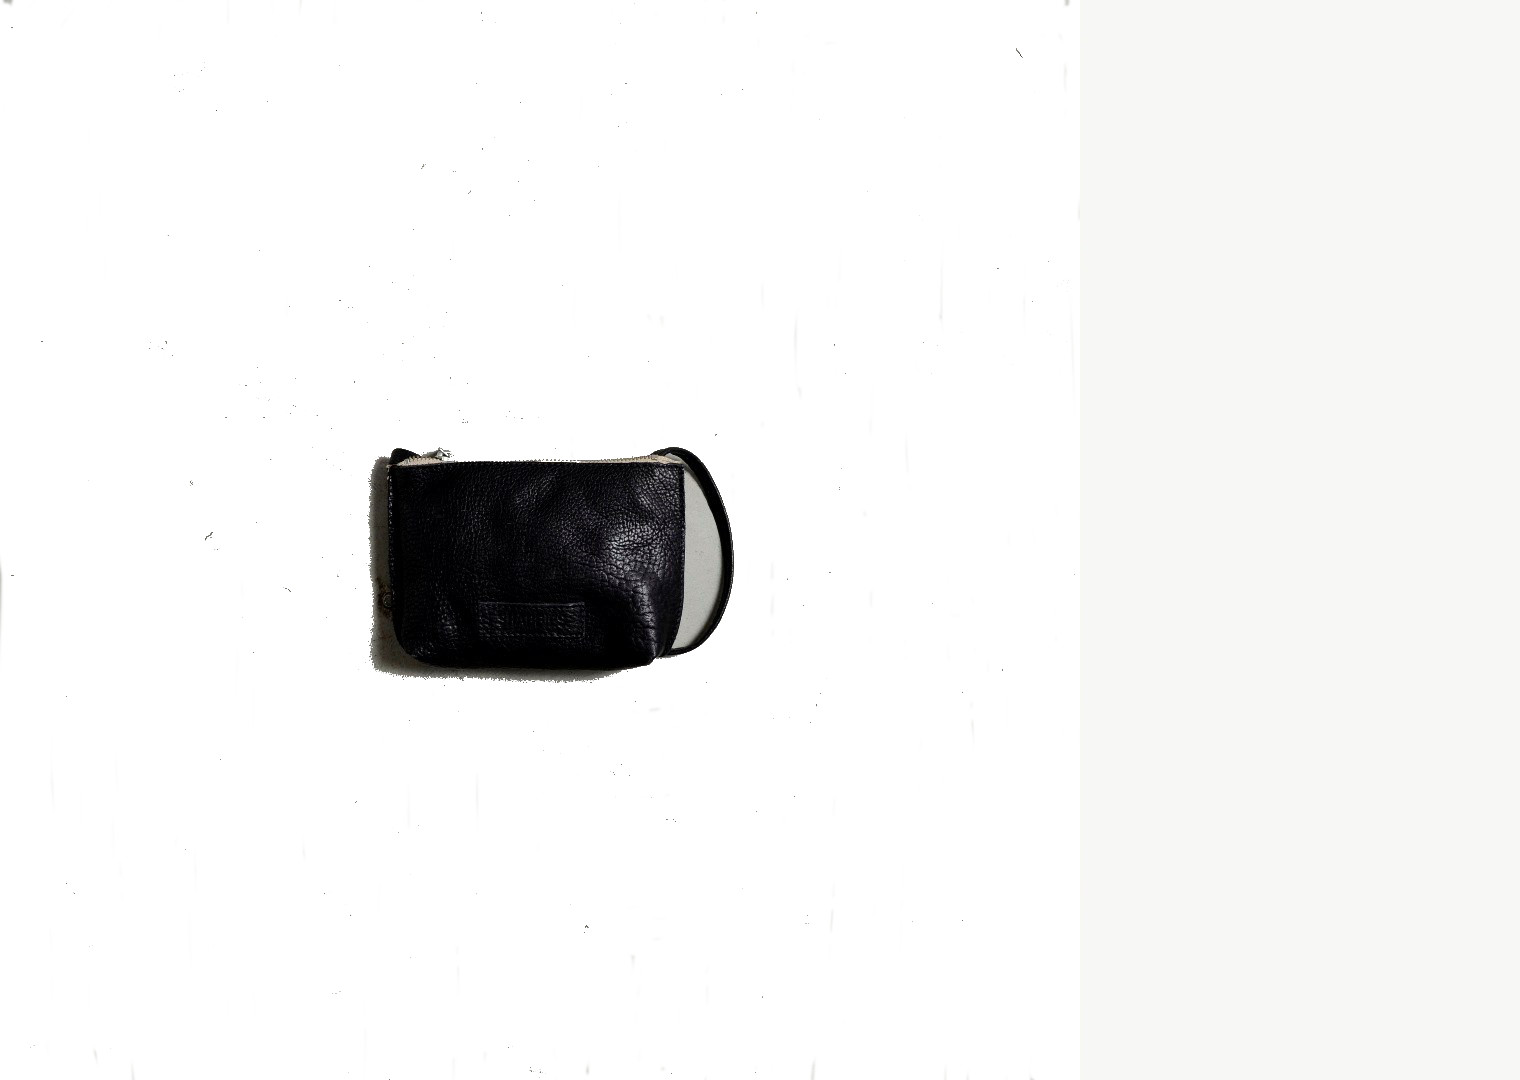 Zwart dames tasje Shabbies - 603115